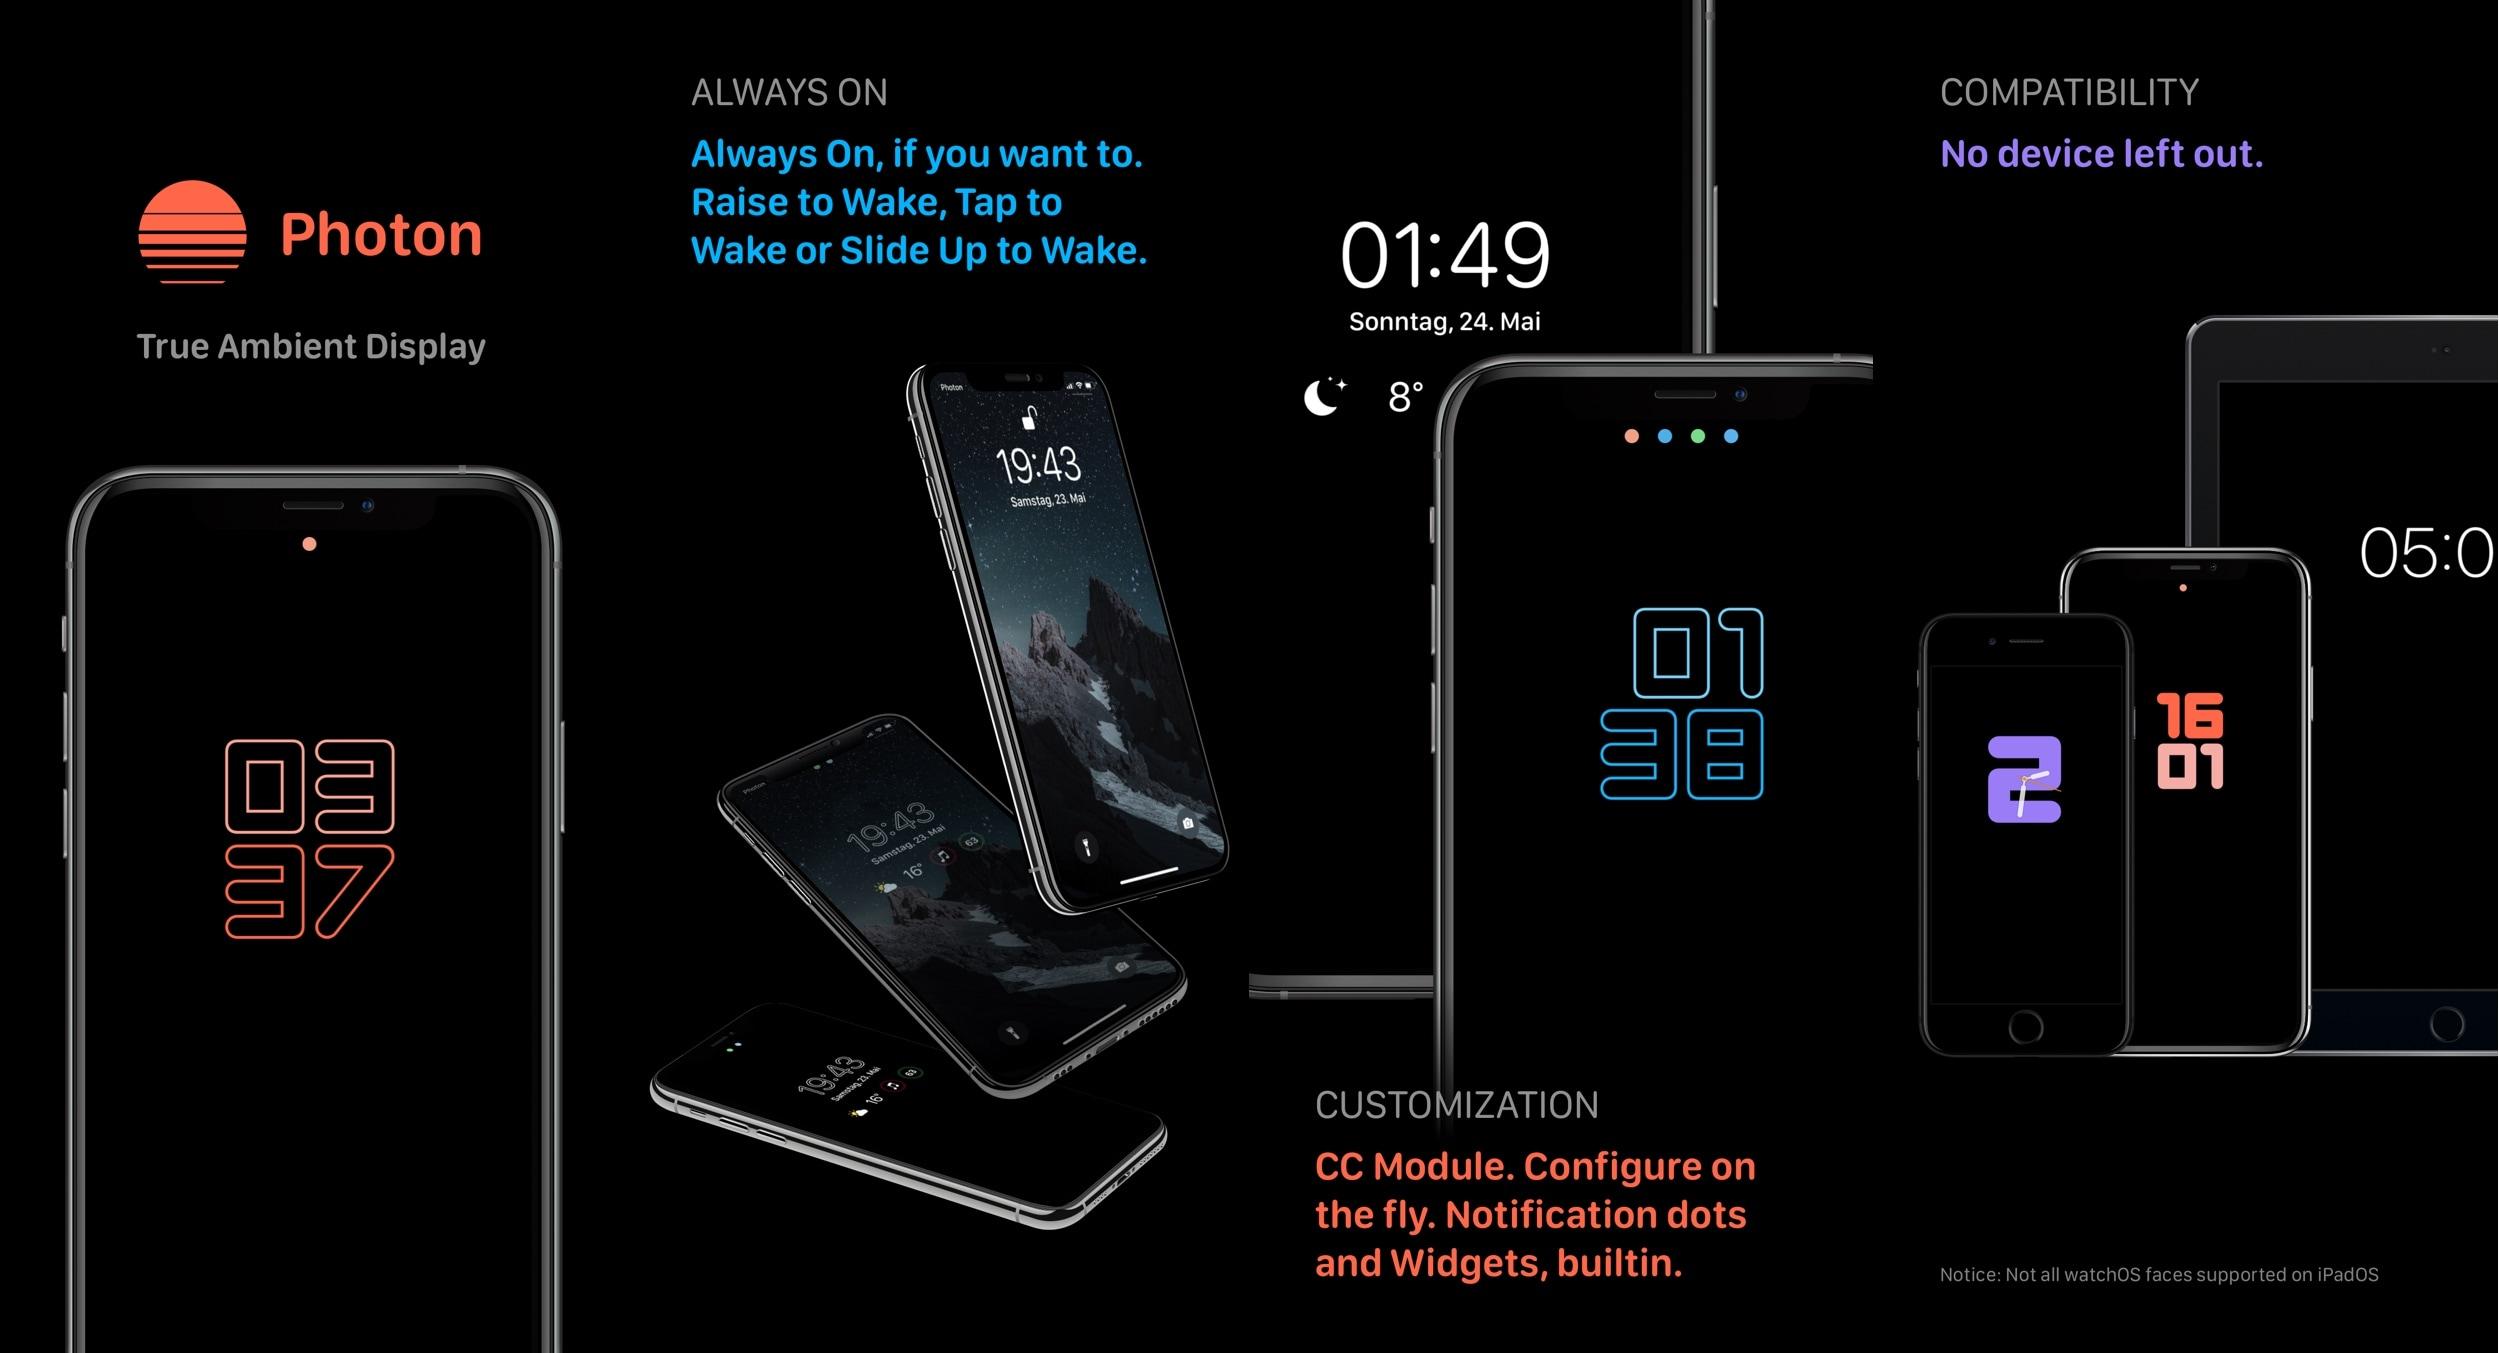 Photon cung cấp màn hình xung quanh cho các thiết bị iOS 13 đã jailbreak 1